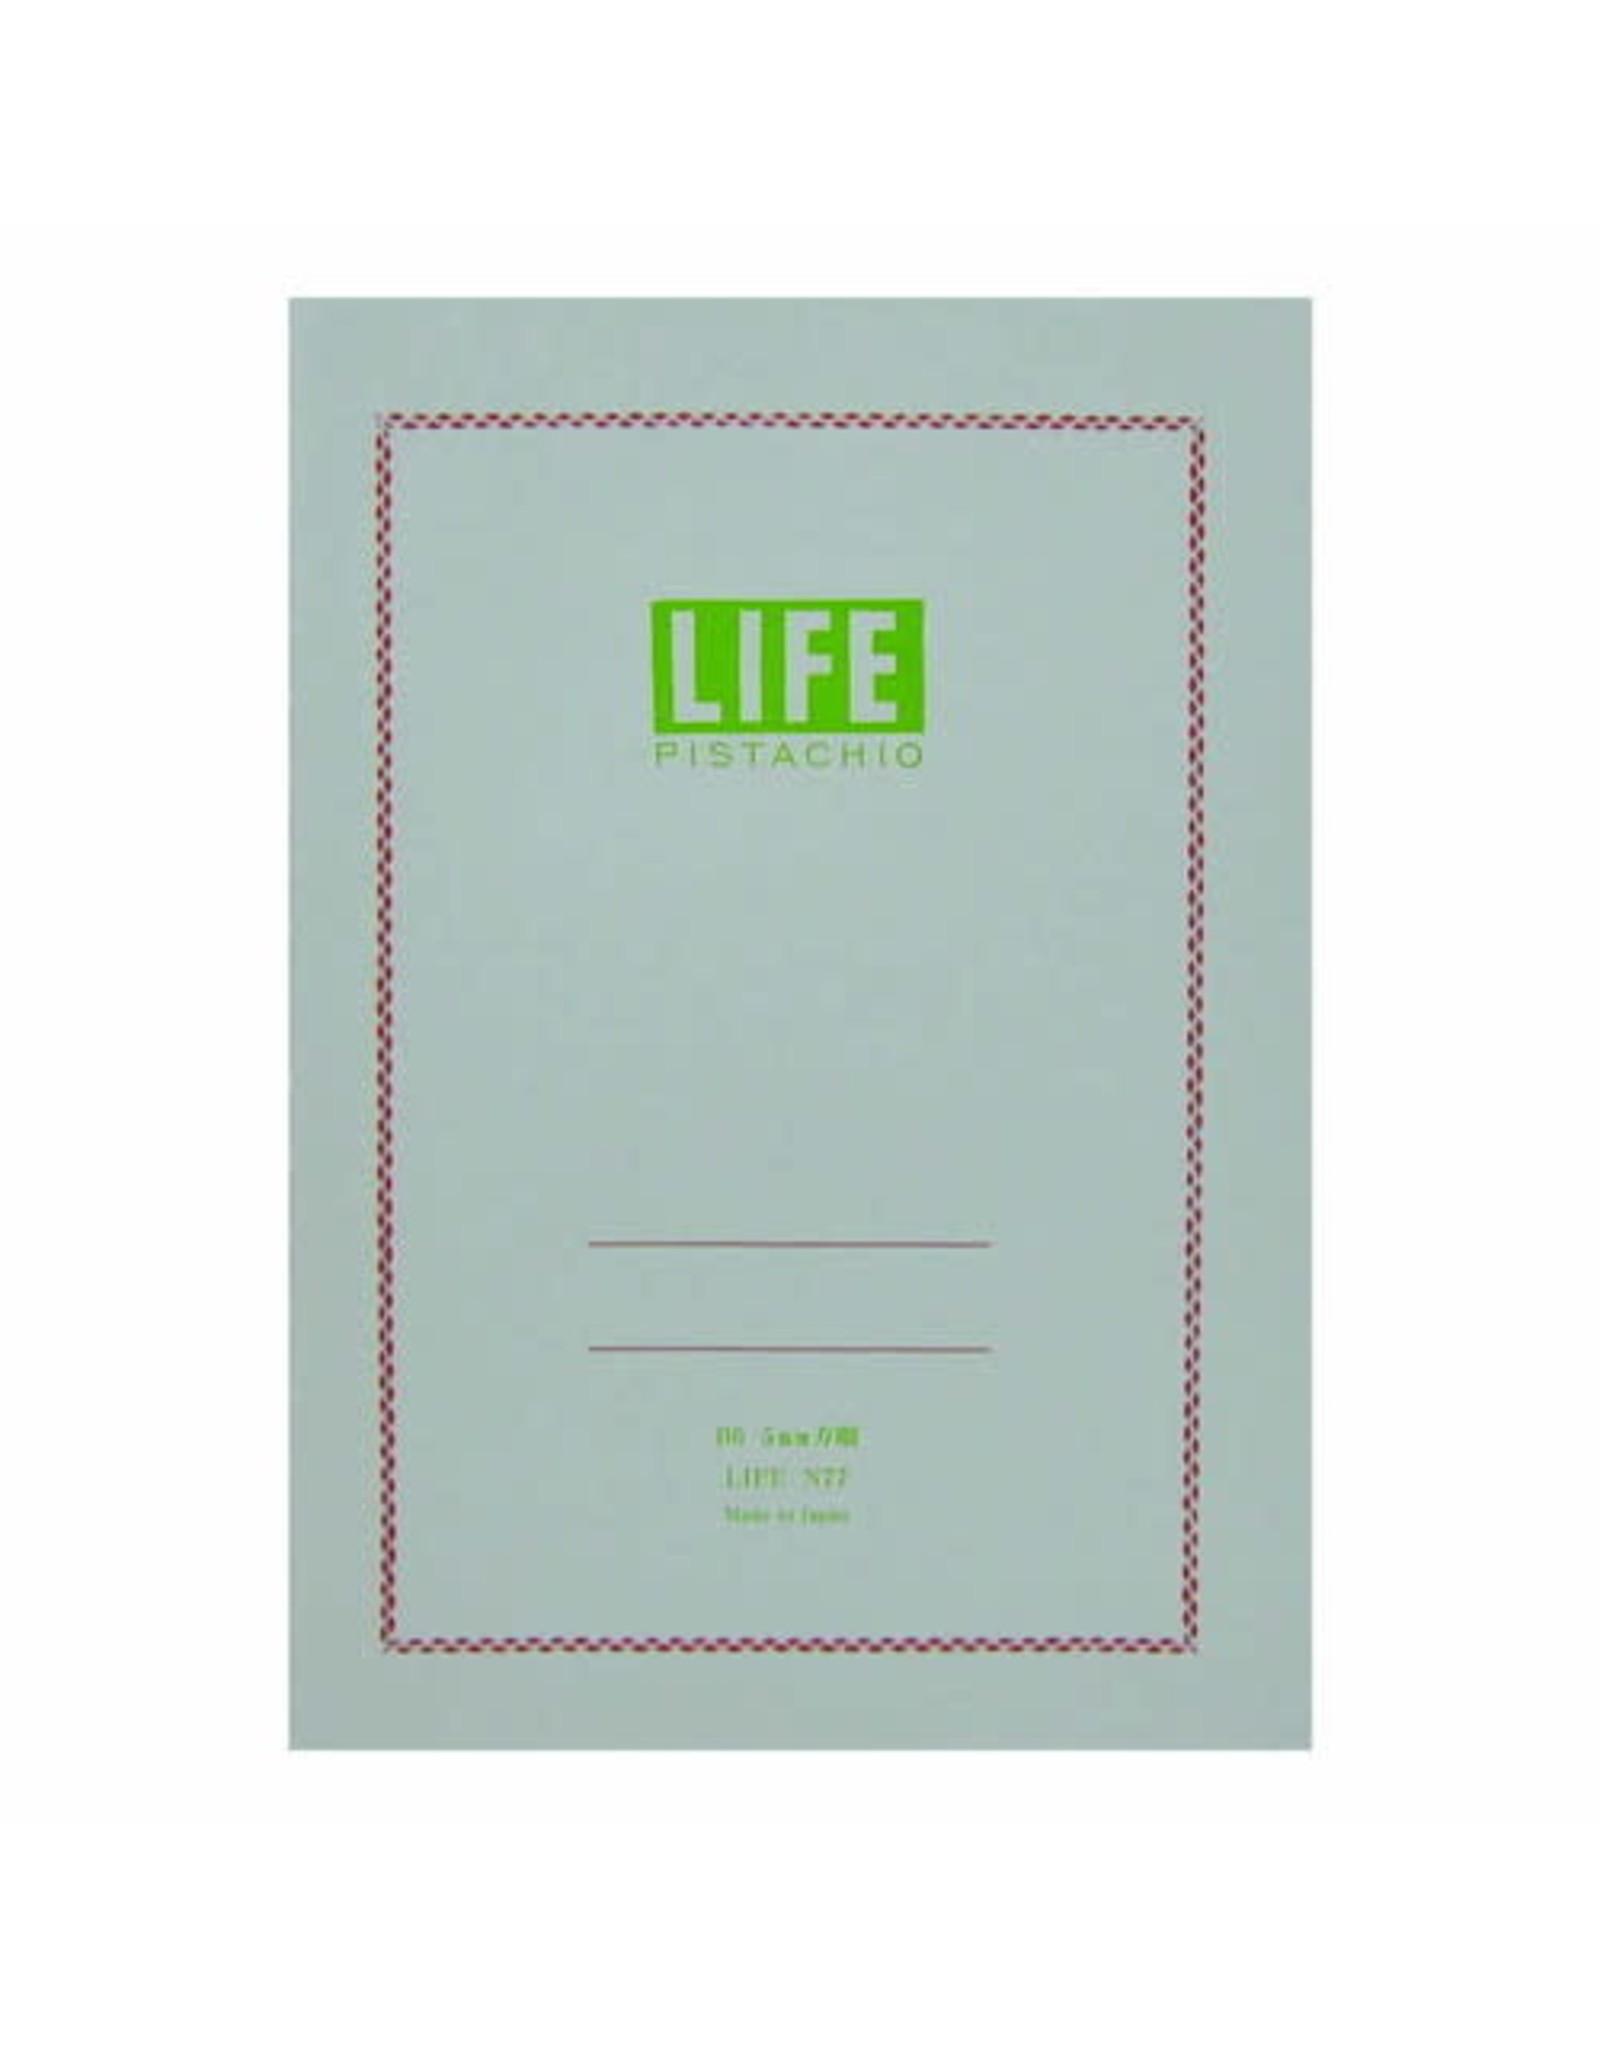 LIFE CO.,LTD. PISTACHIO B6 GRID 32 PAGES N77